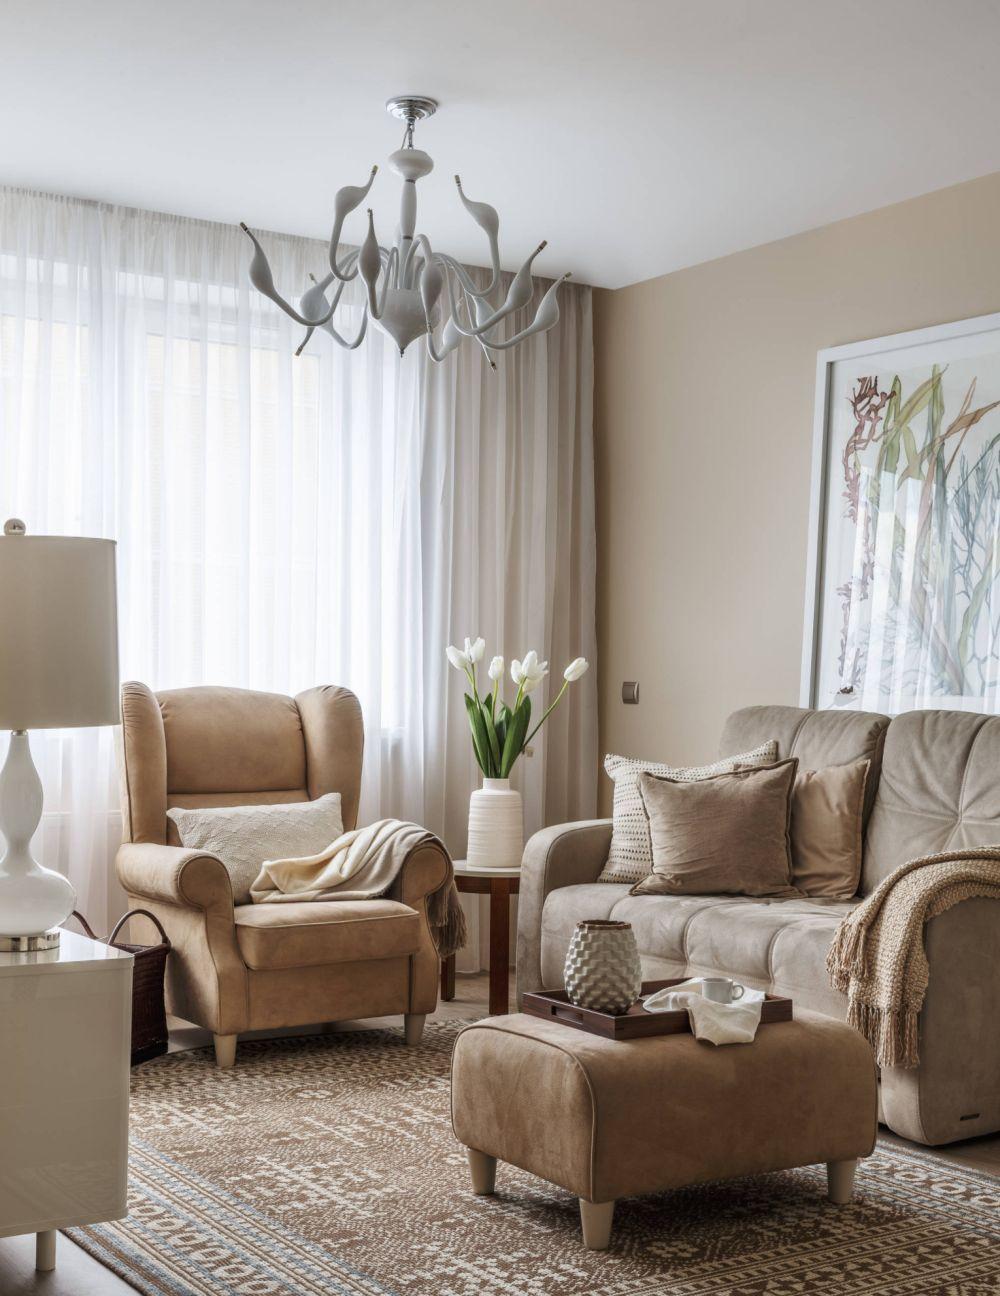 adelaparvu.com despre apartament 2 camere 50 mp, design interior SunWaveStudio, foto Sergey Krasyuk (2)